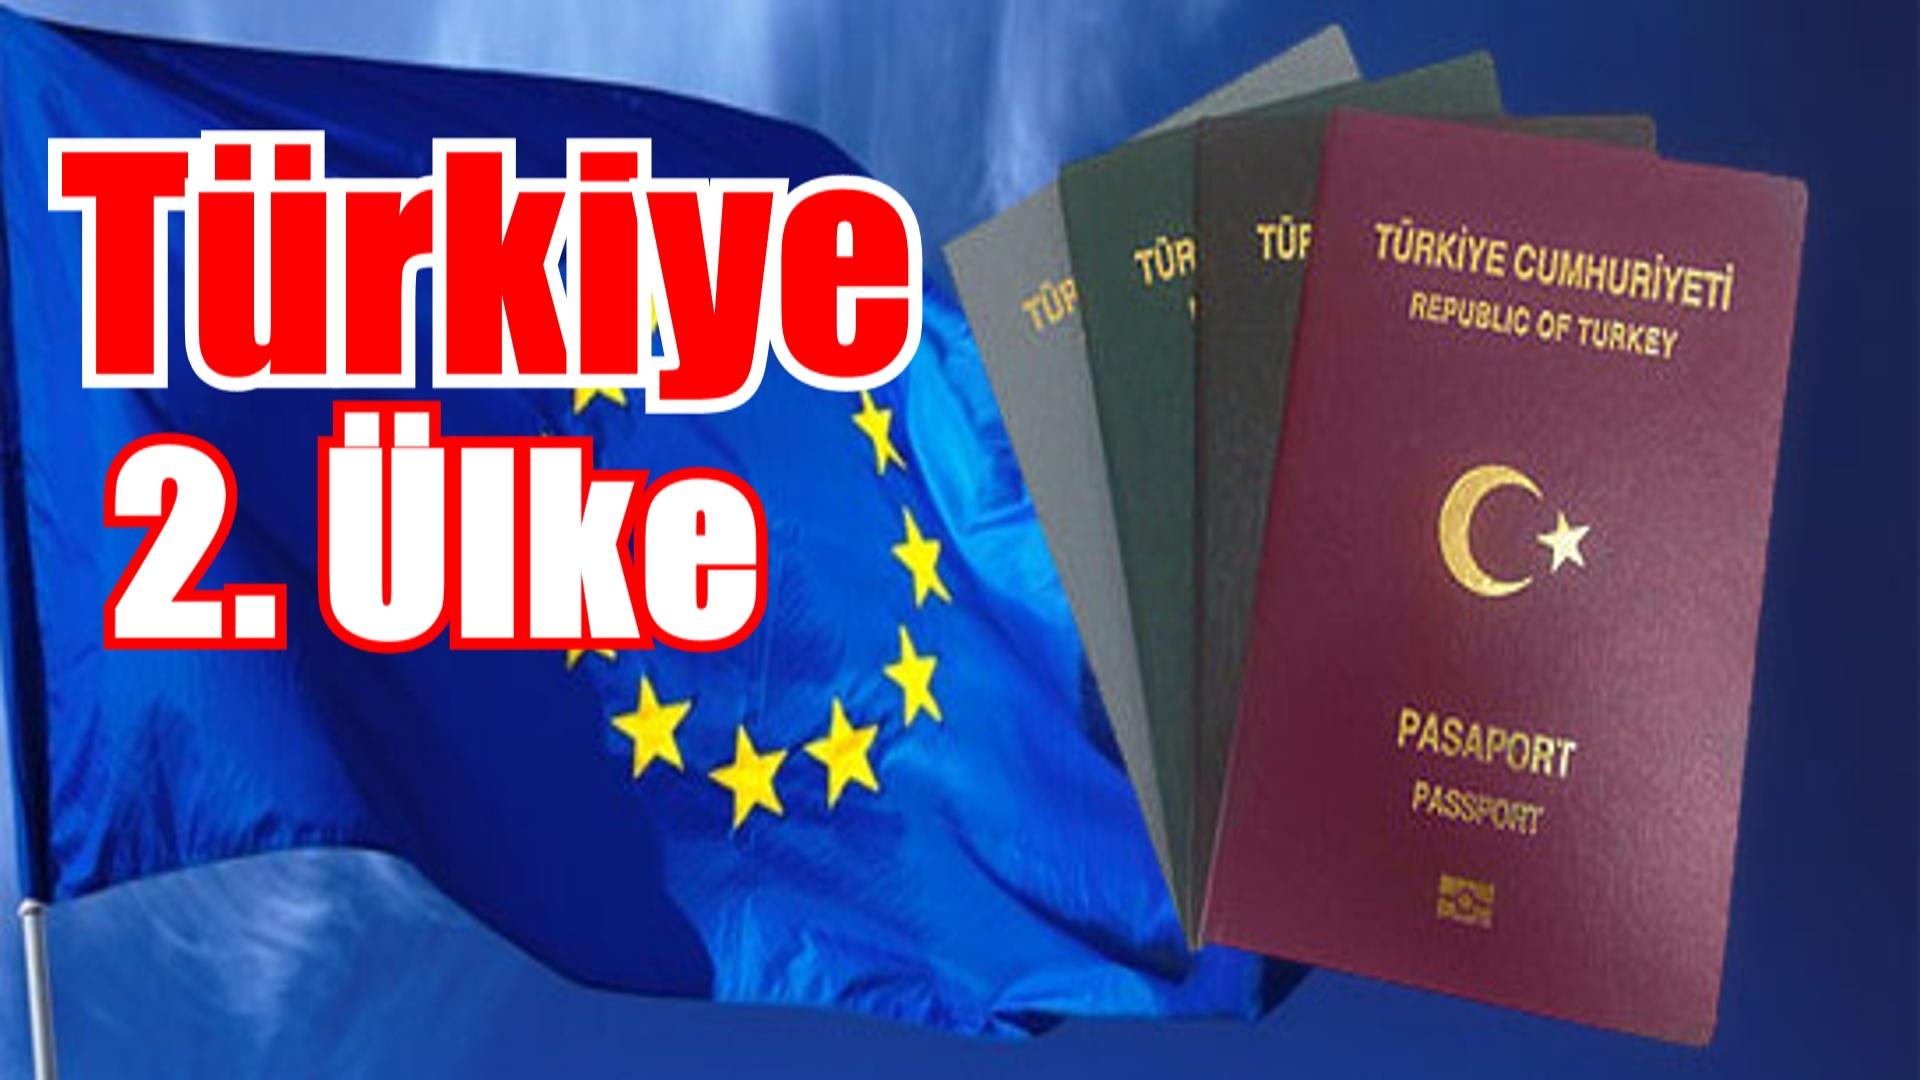 Schengen vizesi başvurusunda ikinciyiz